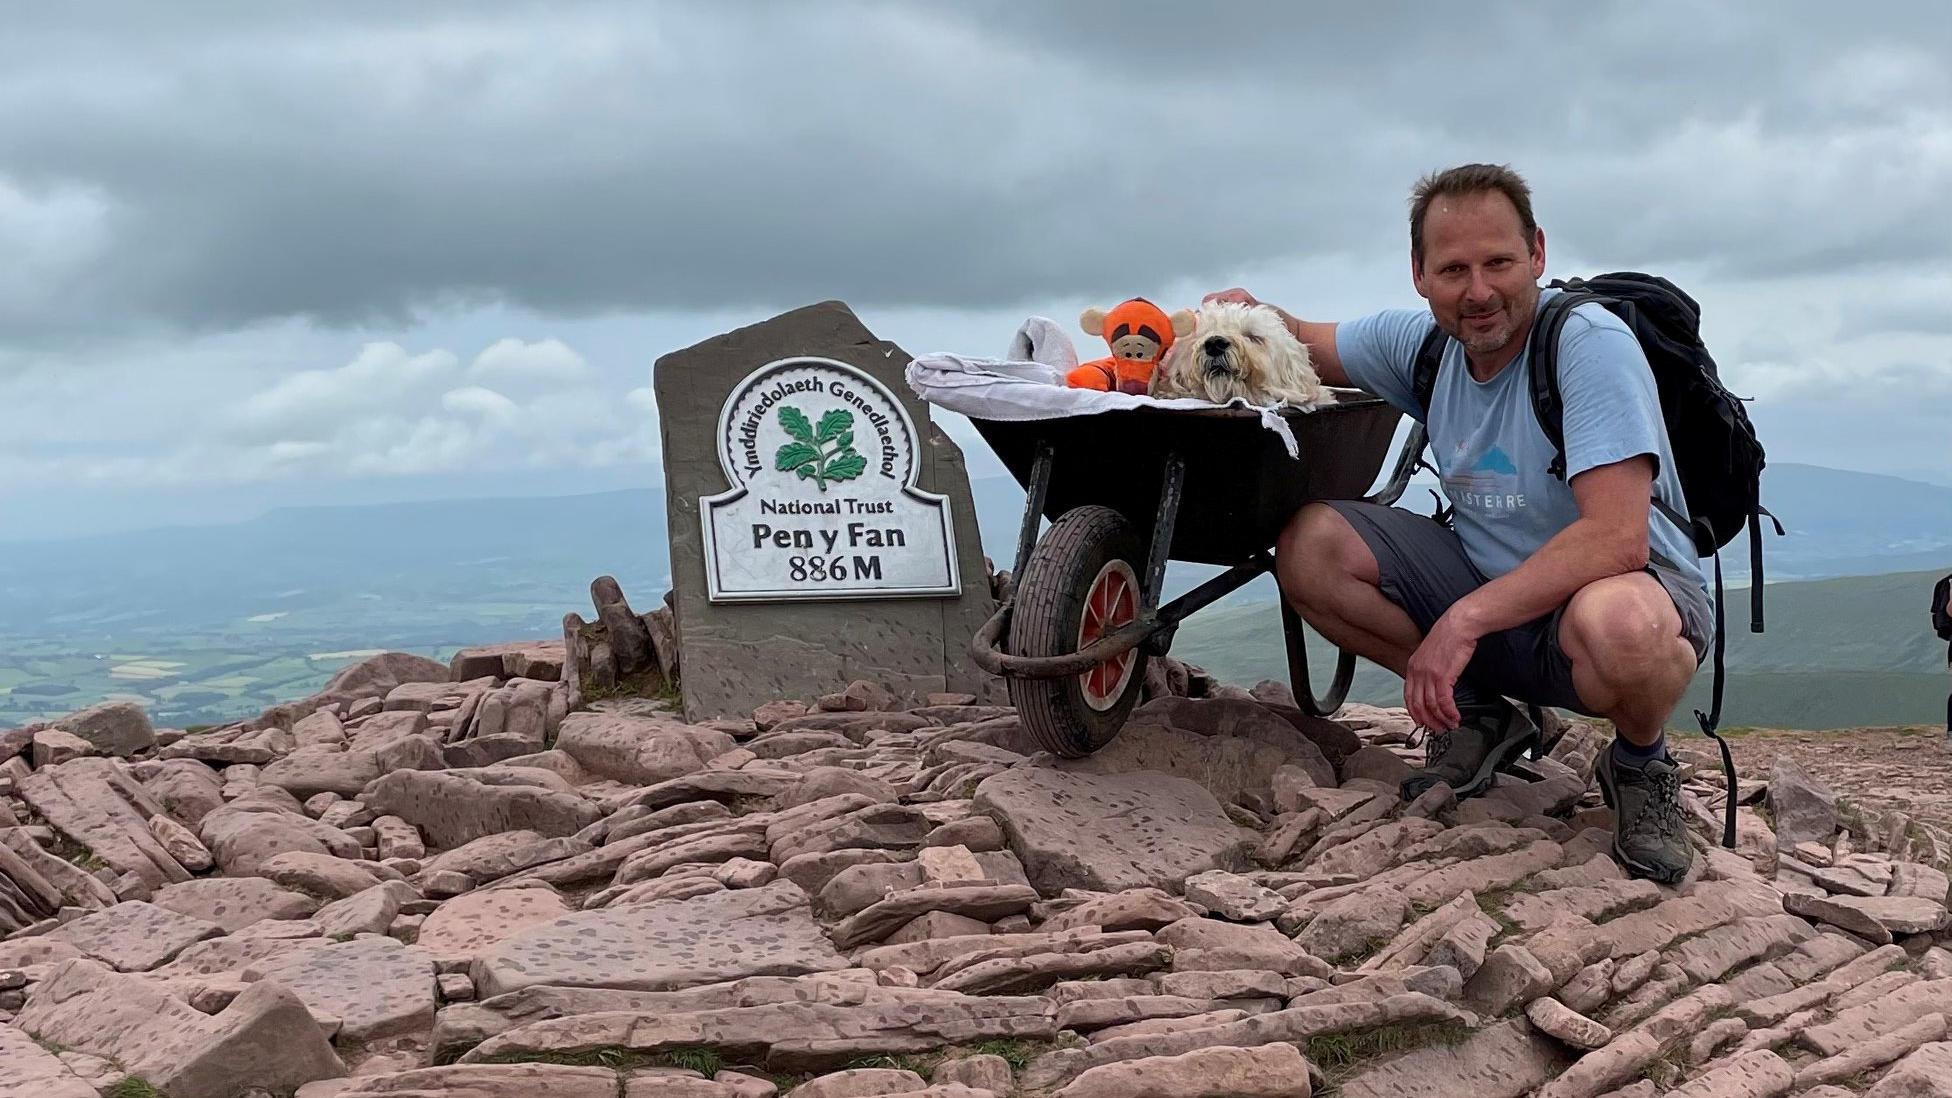 Für den letzten großen Ausflug: Mann schiebt sterbenden Hund in Schubkarre